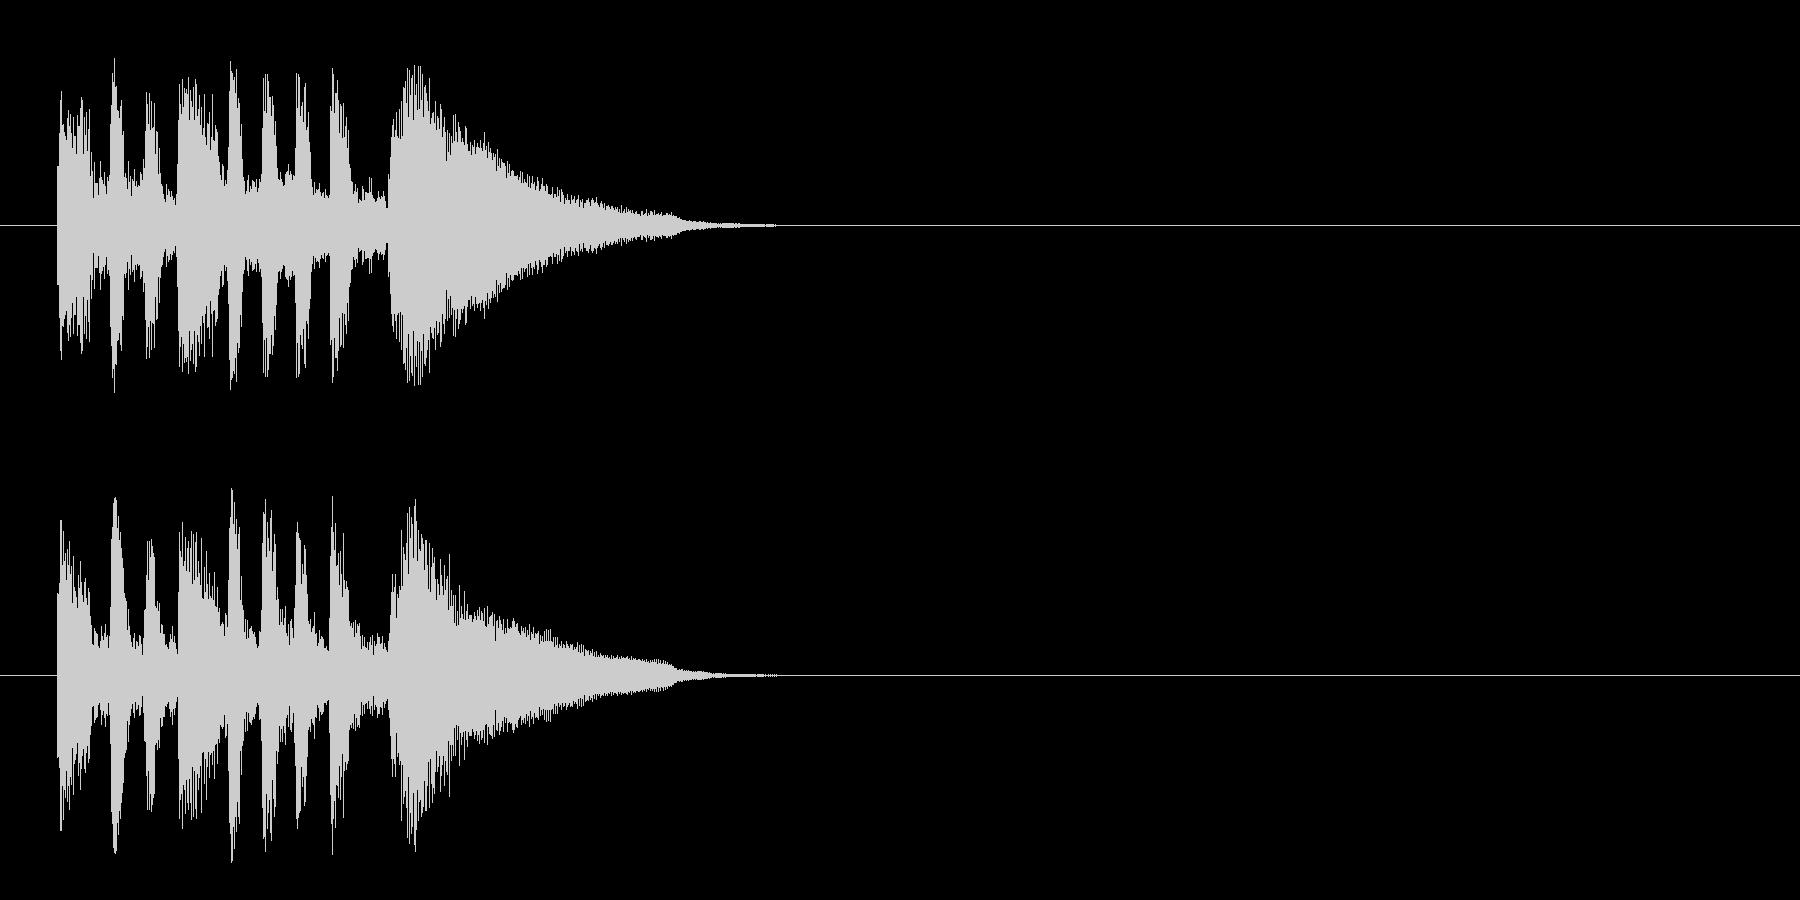 ジングル/爽やか(アコースティック)の未再生の波形